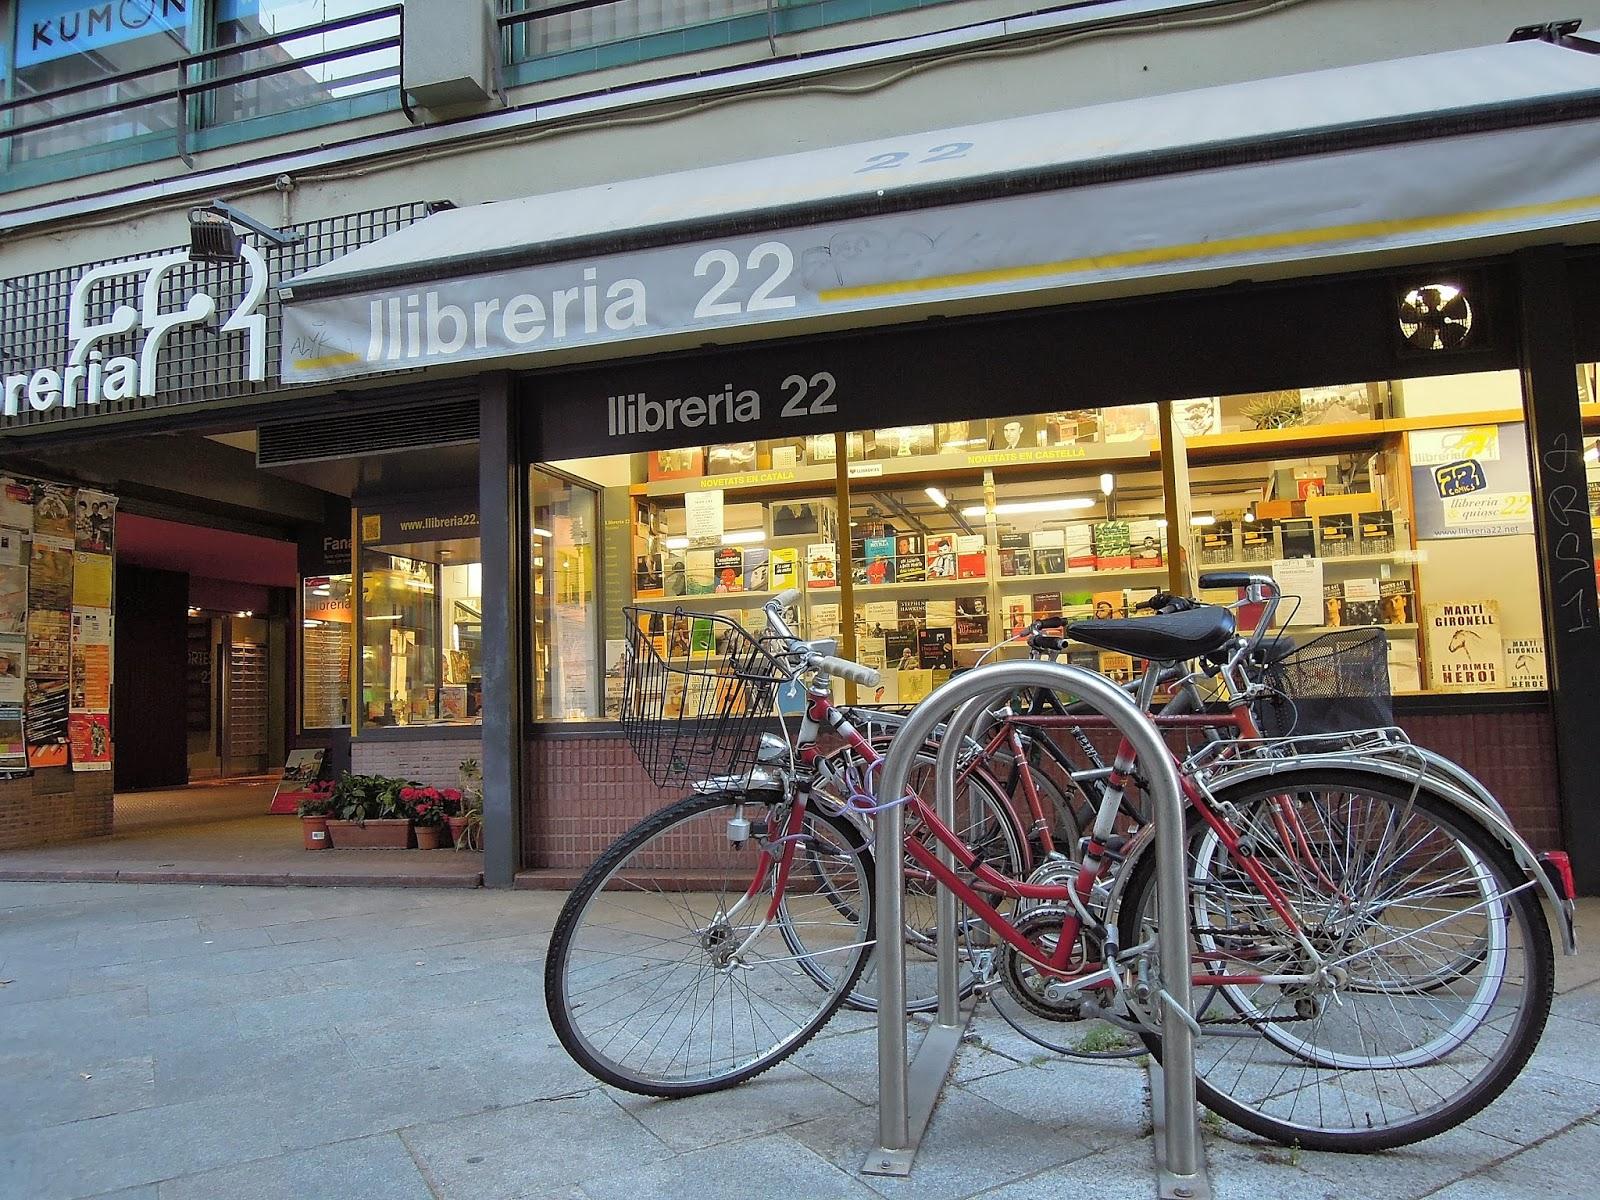 llibreria 22